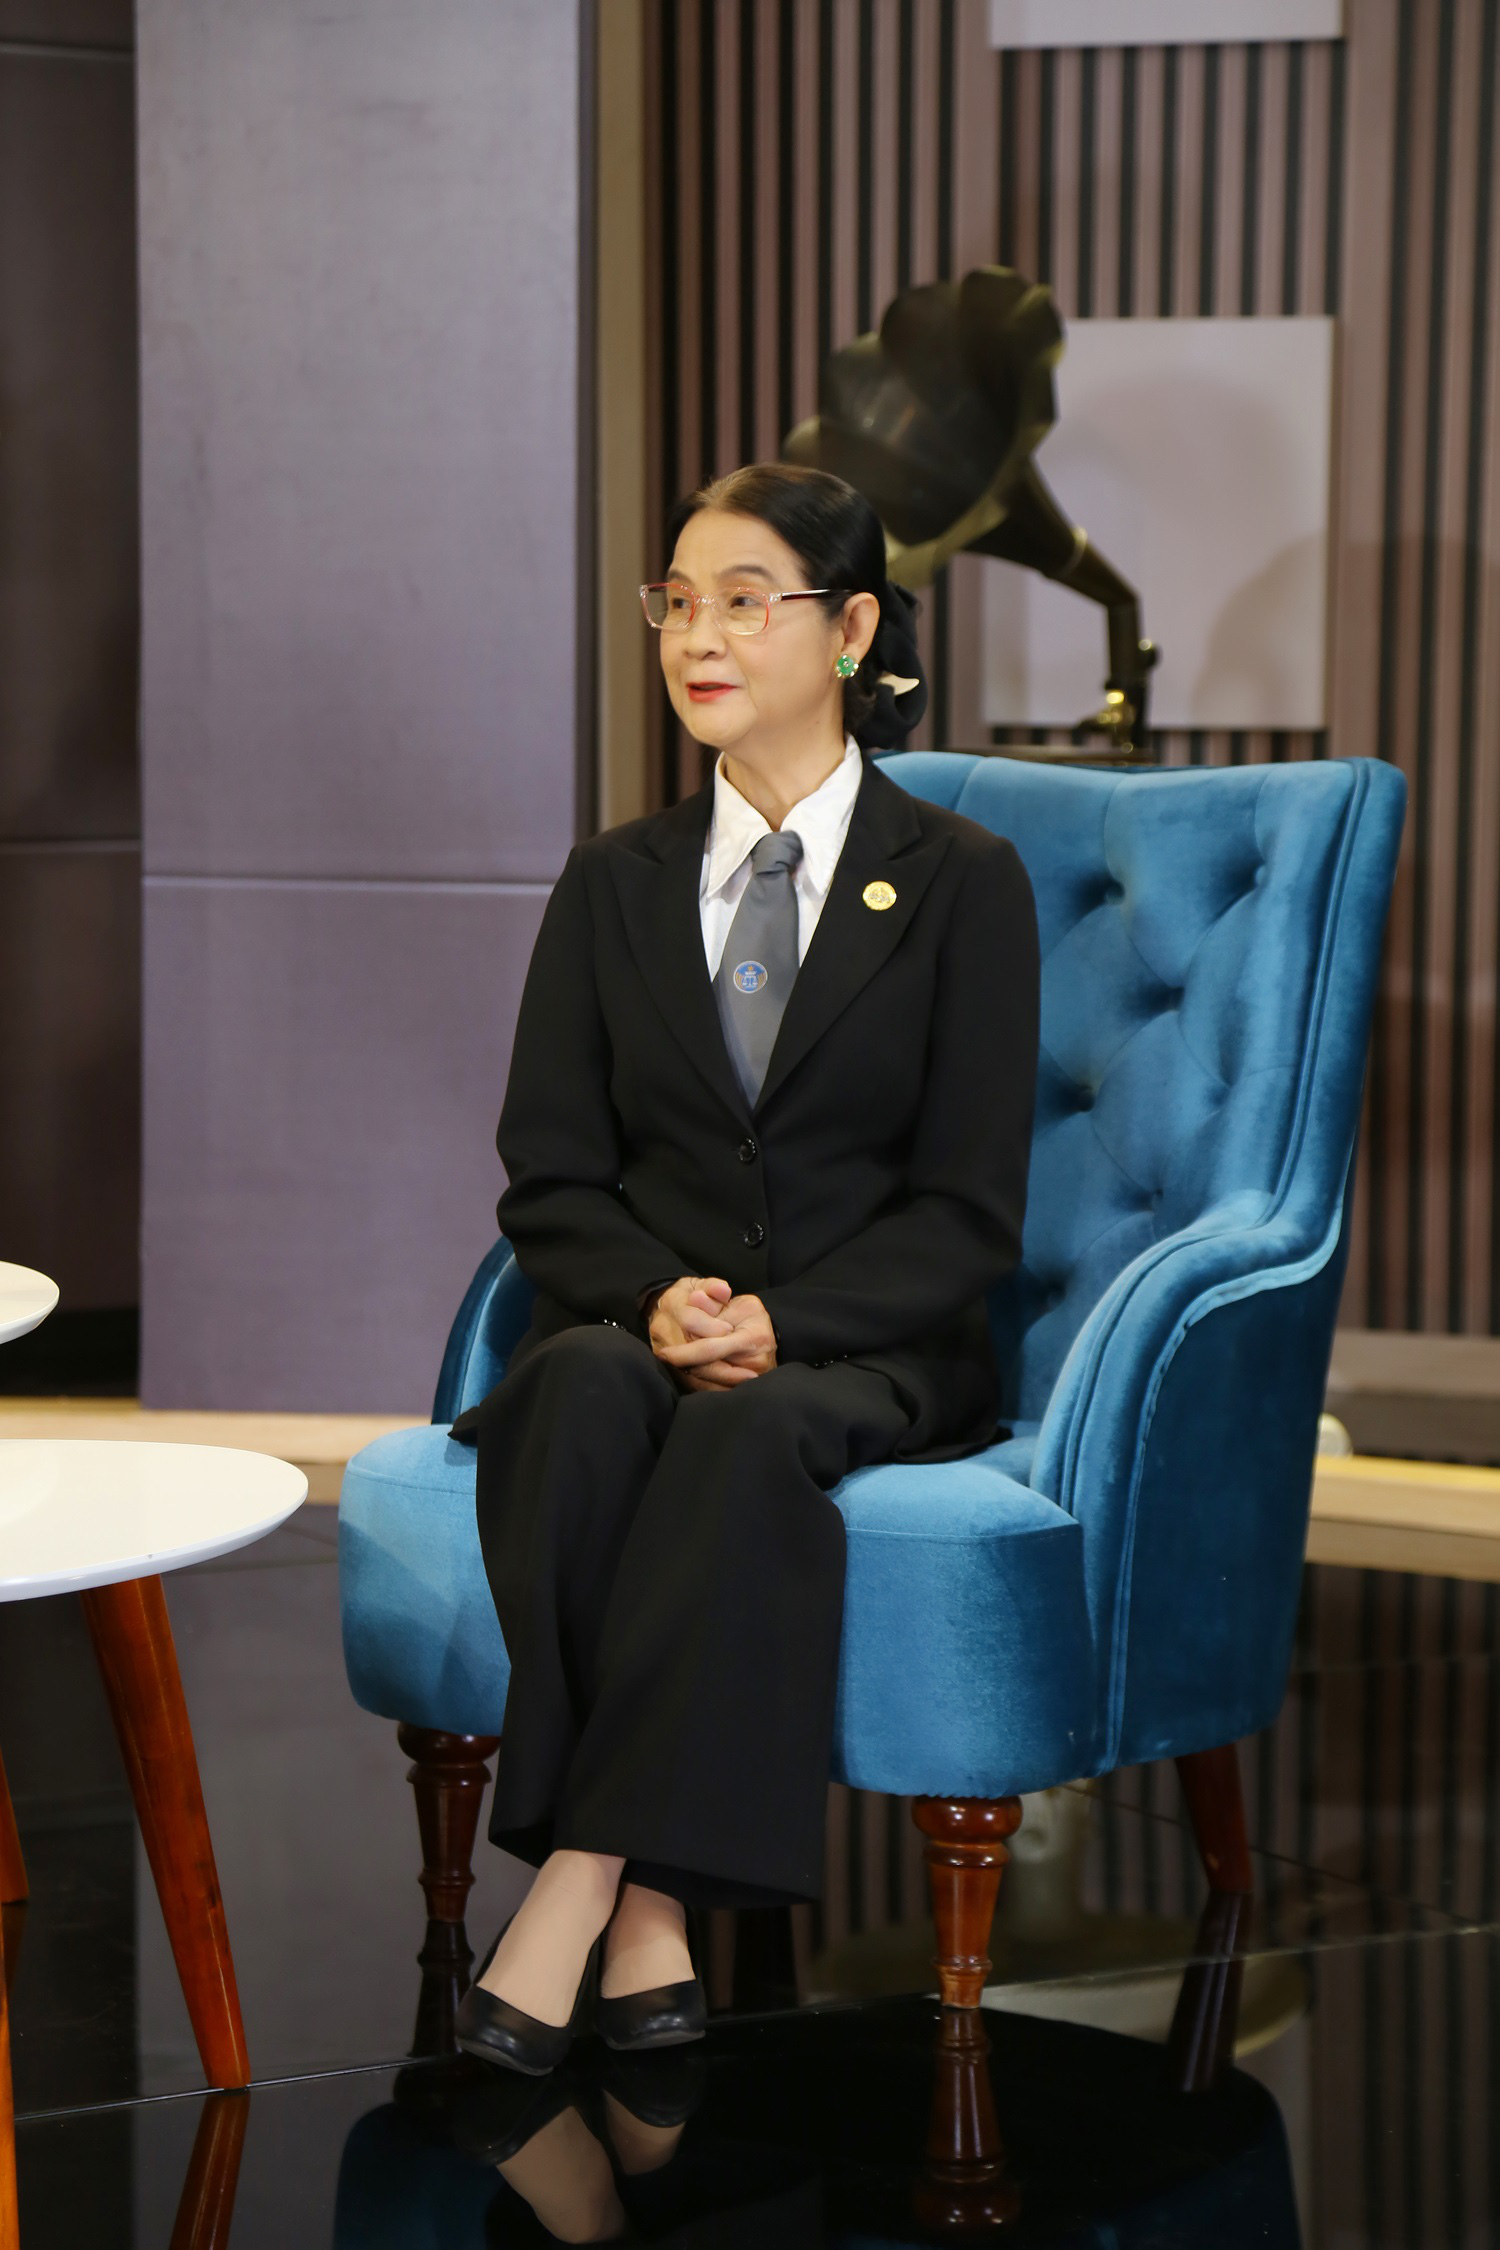 Luật sư Trương Thị Hòa bức xúc vì phim ảnh thường chế giễu những người đồng giới - Ảnh 3.